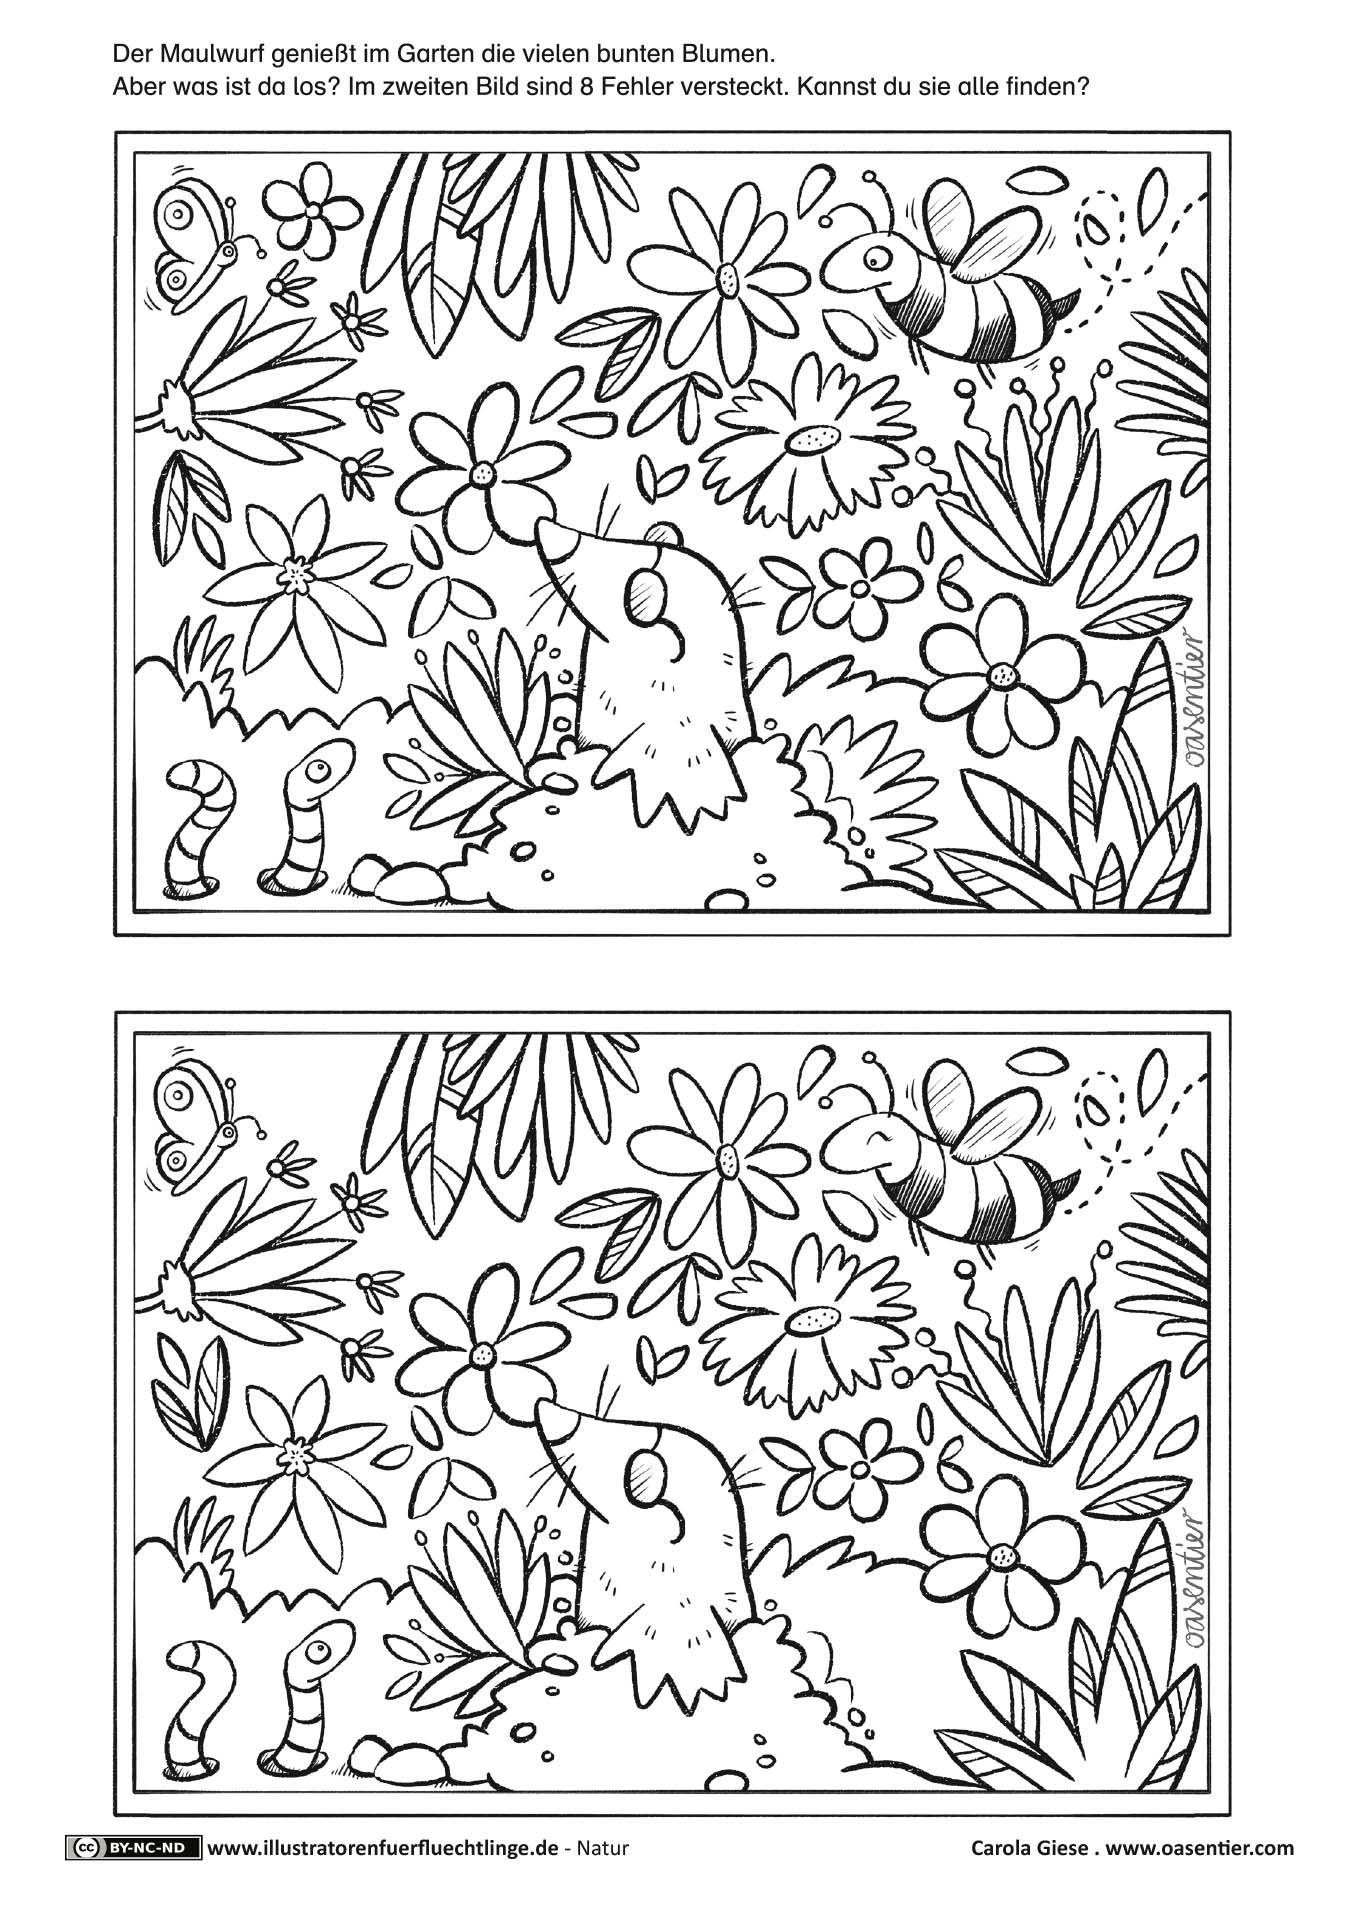 Arbeitsblatt Bienen Grundschule : Download als pdf natur garten tiere fehlerbild giese